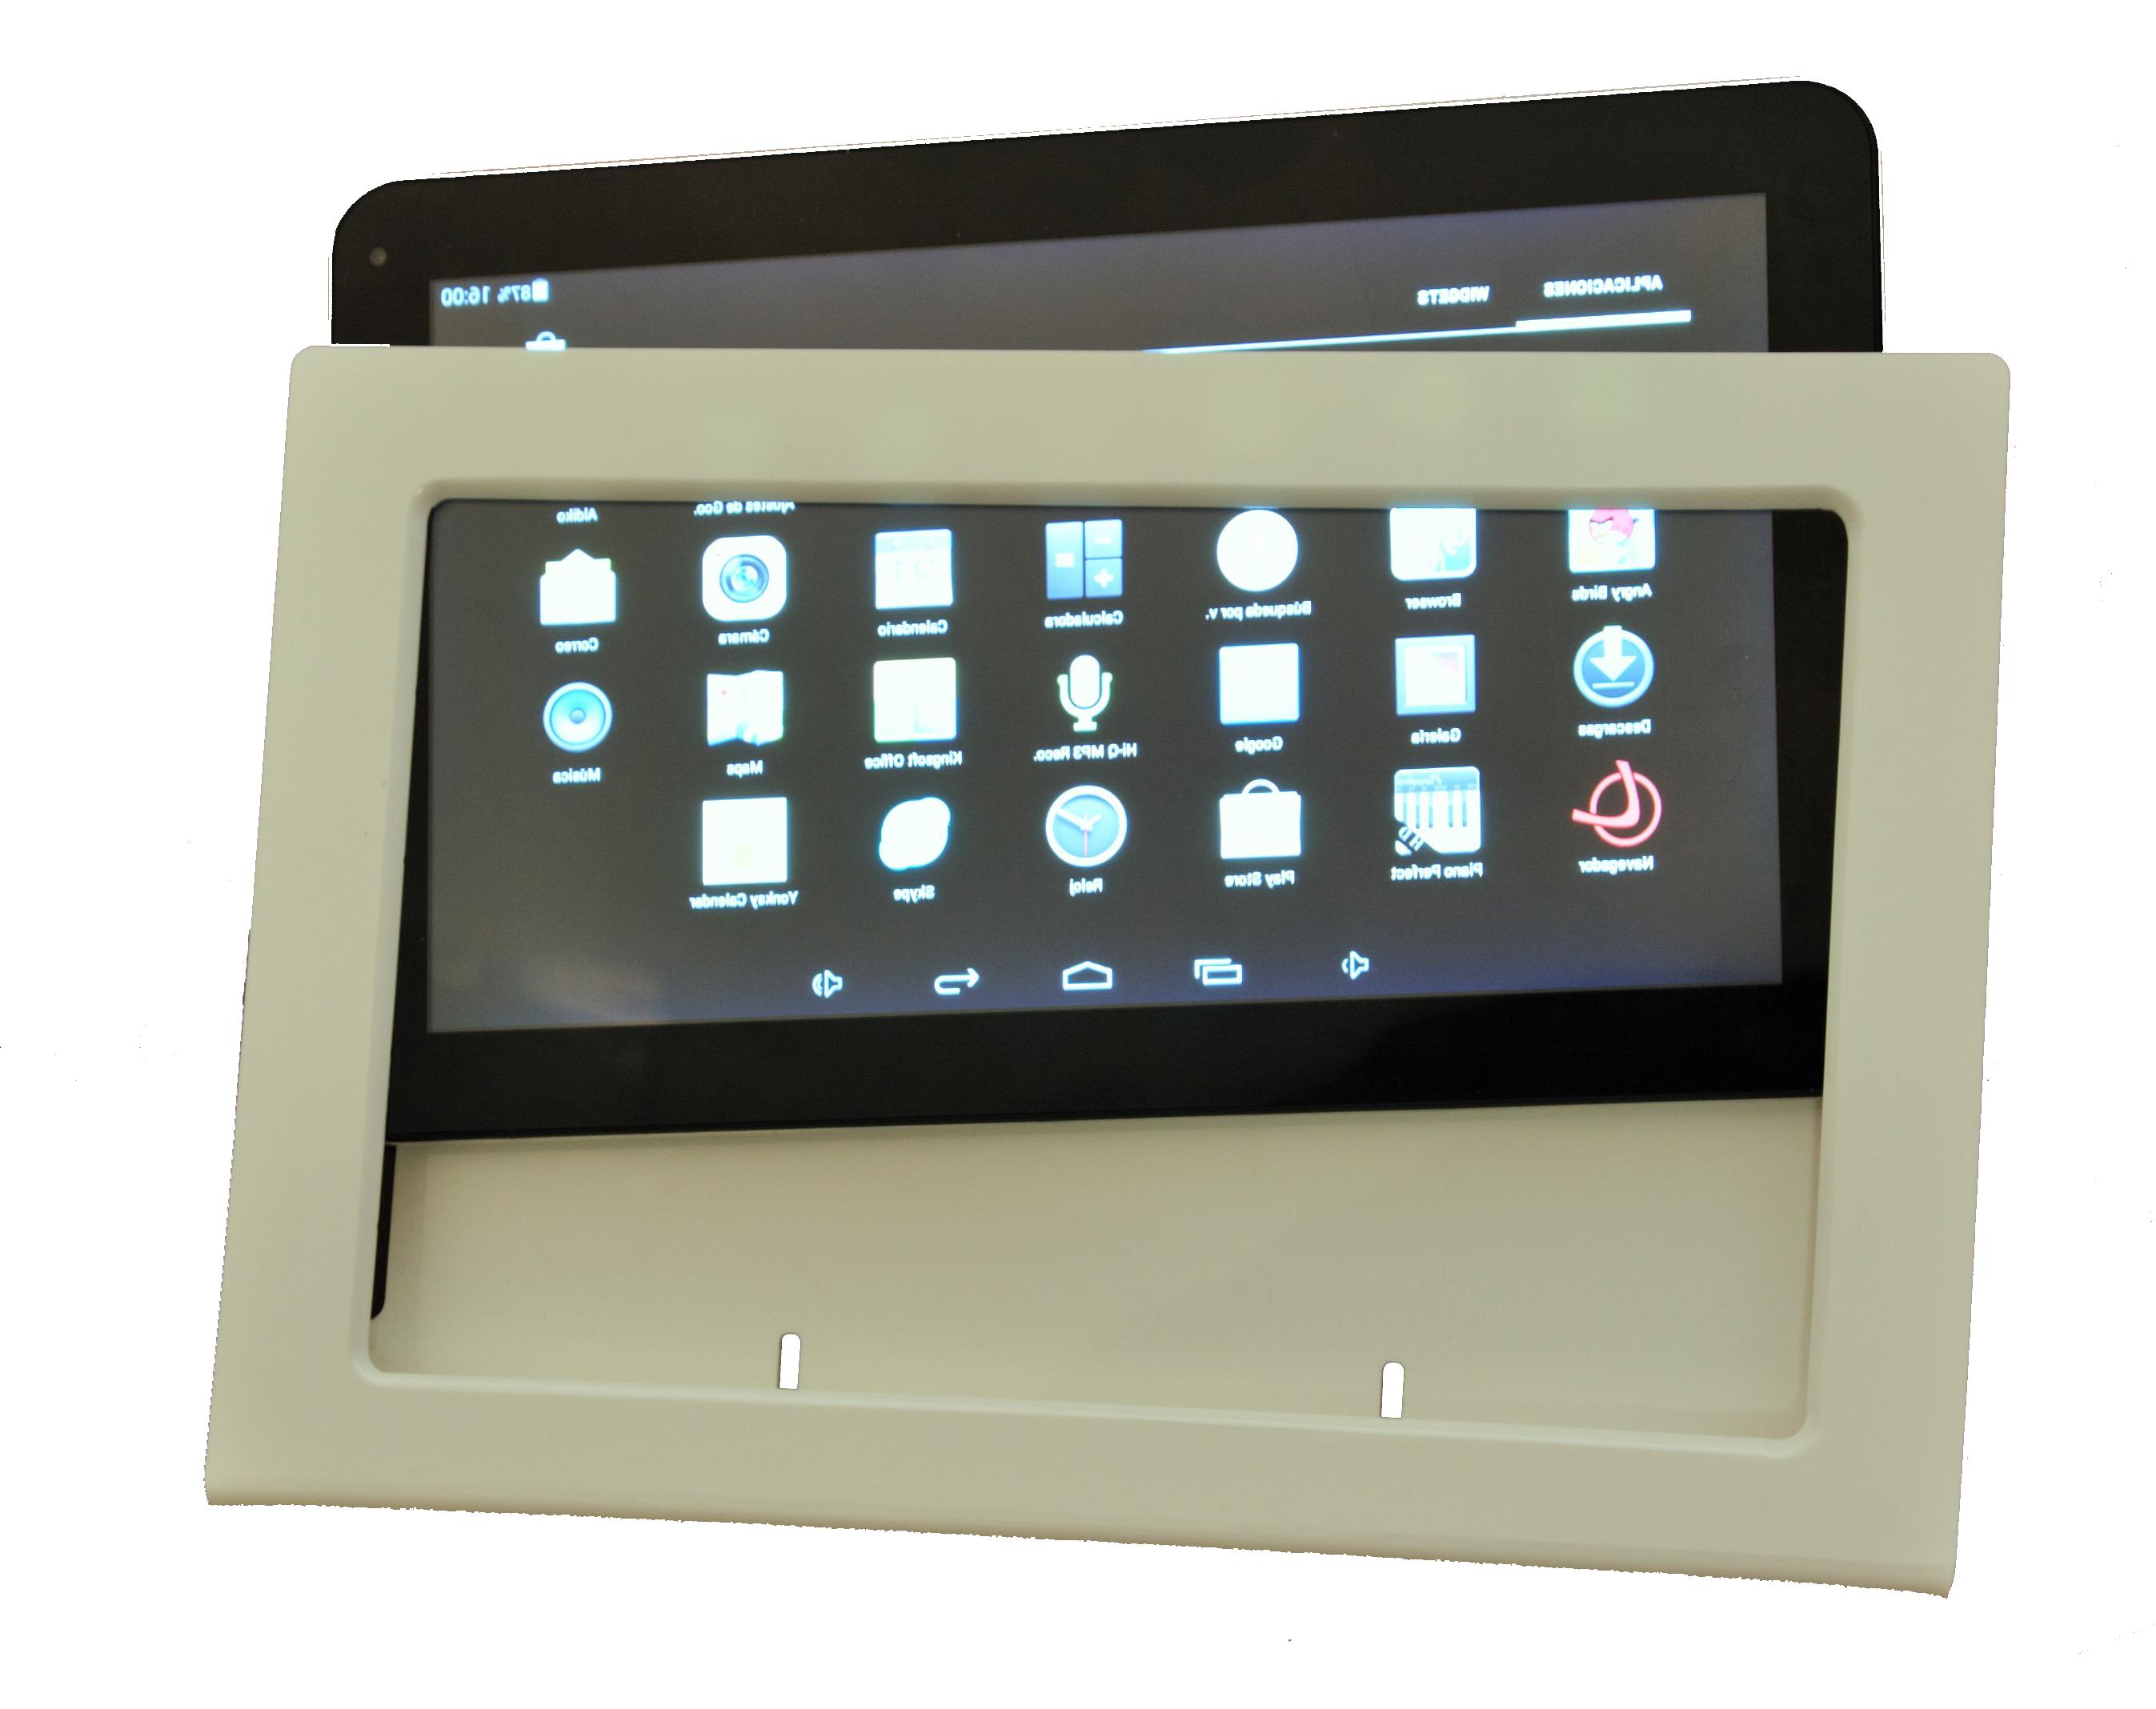 Soporte Tablet Pared E6d5 Arannea soportes Para Tablets Universales Marcos Y Fundas